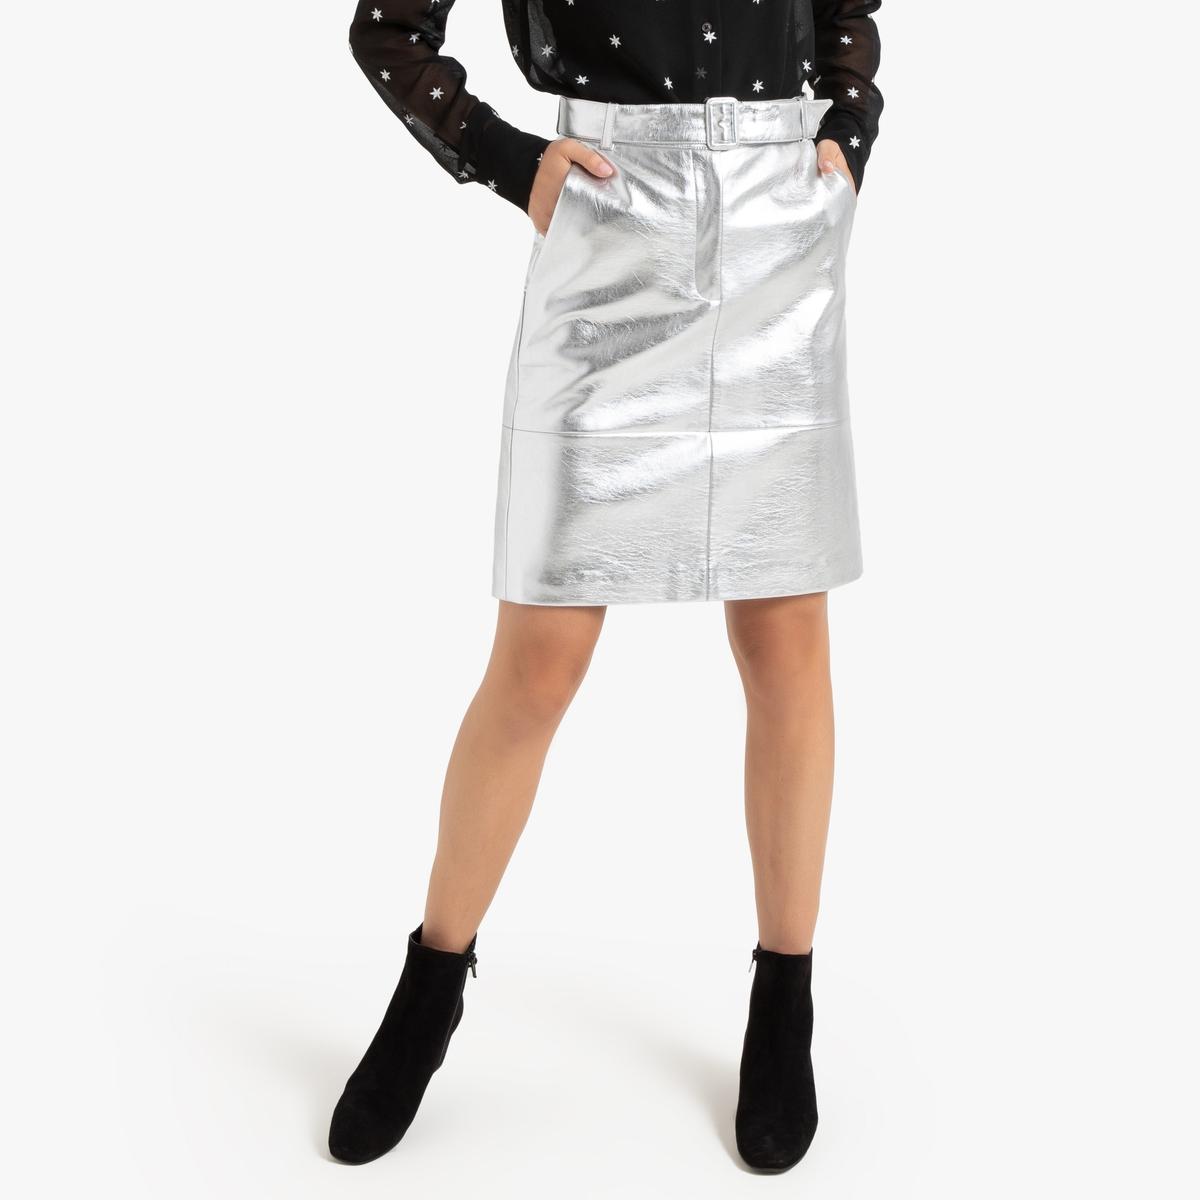 Falda recta de piel sintética acolchada